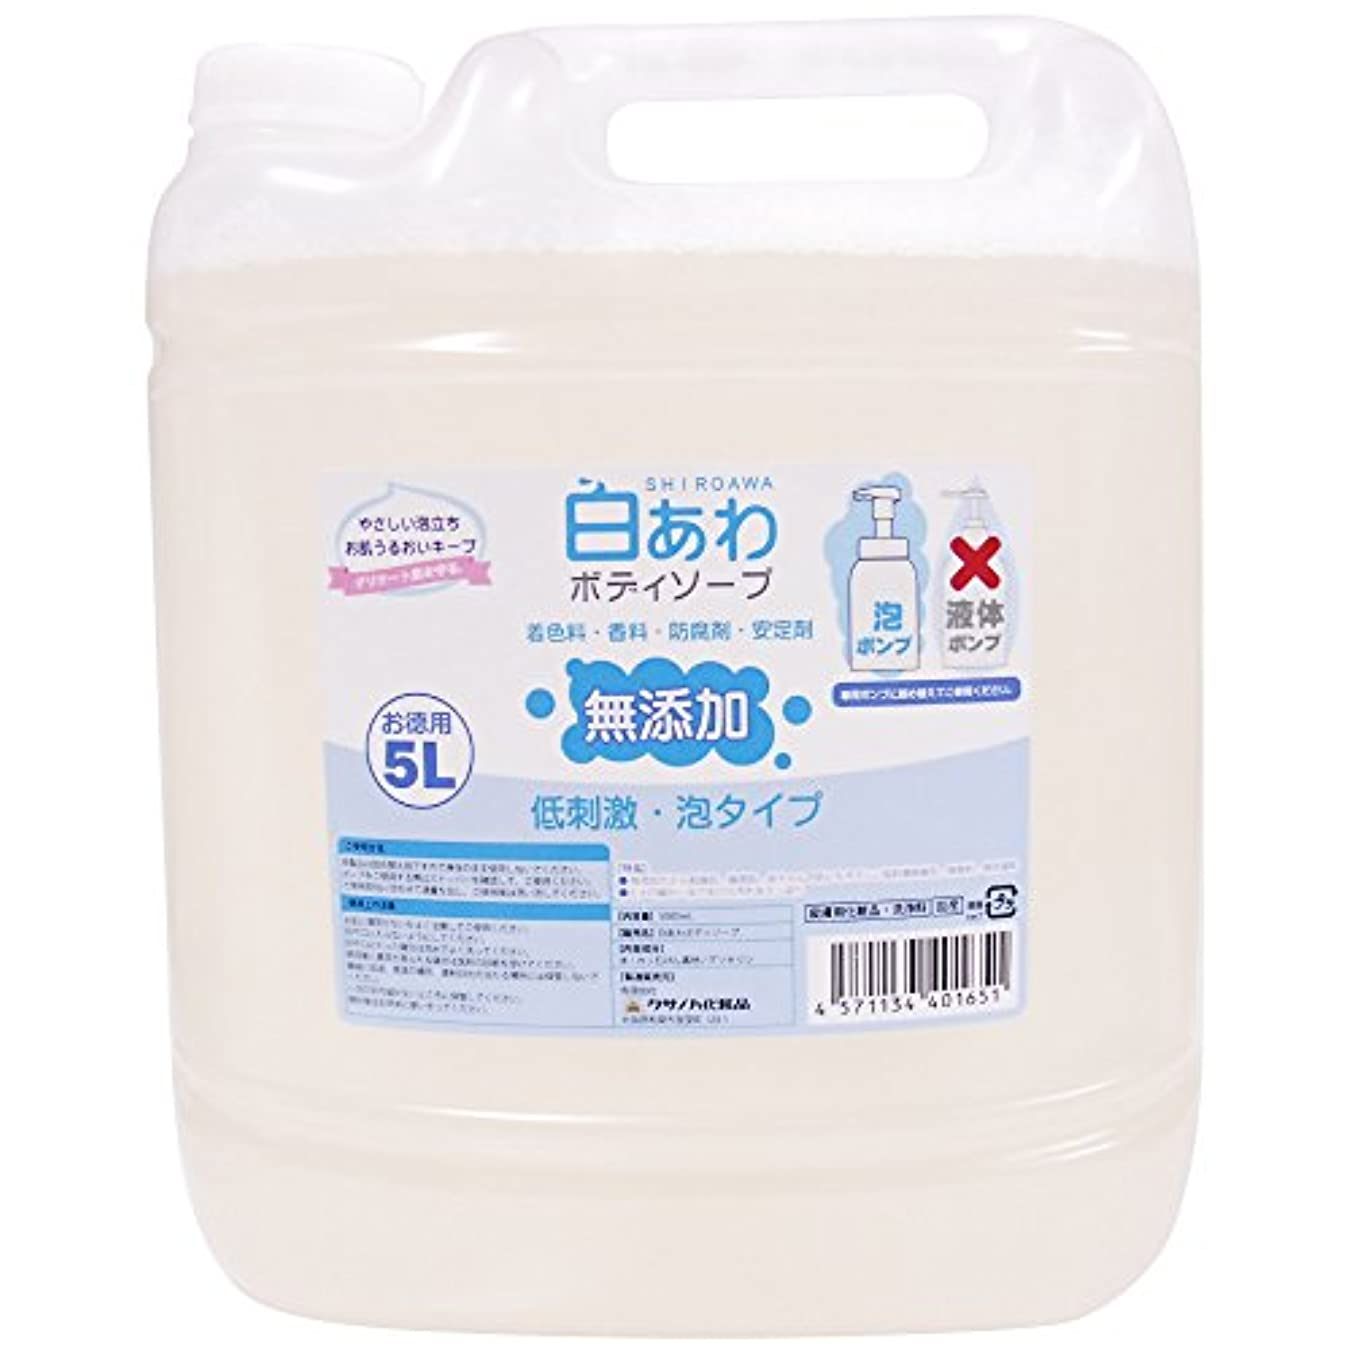 パワーセルスコアカフェ【無添加】白あわボディソープ 詰替用 5L